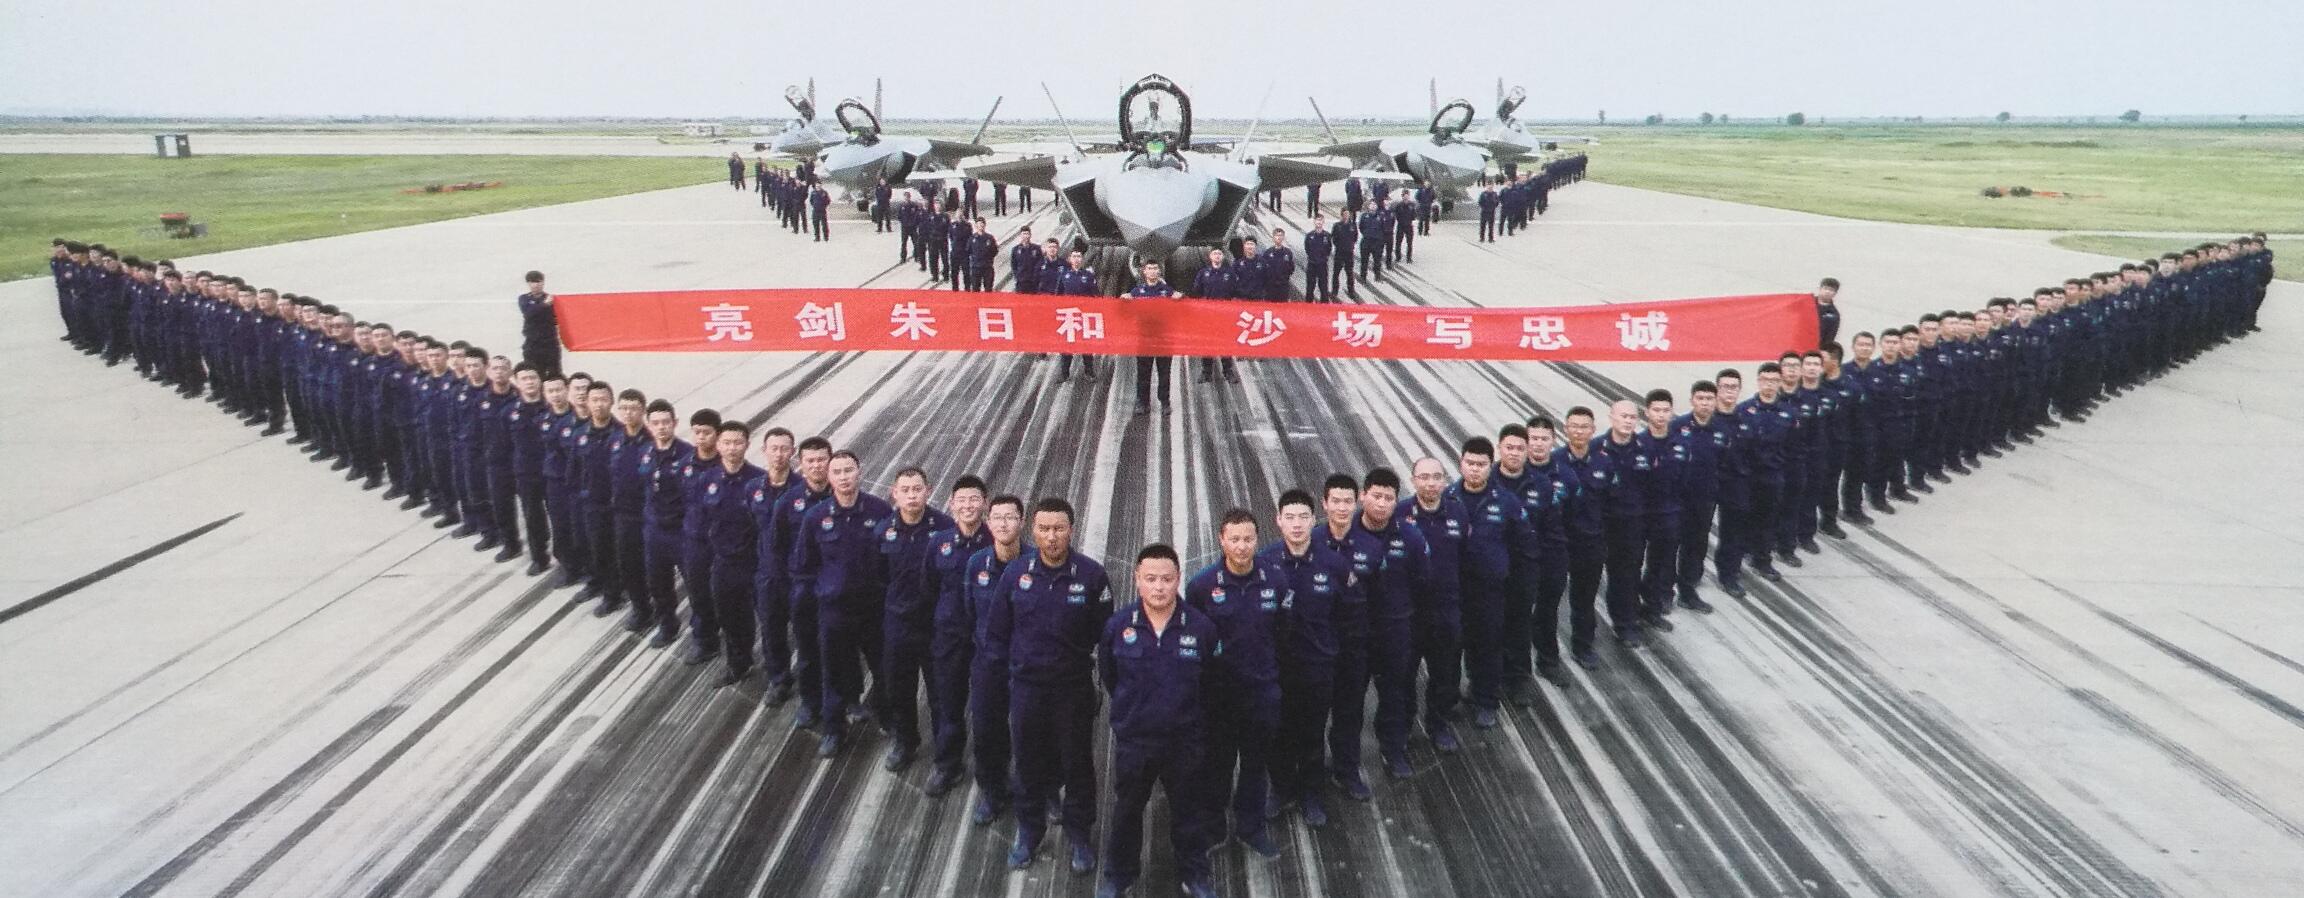 美媒盘点中国1700架现役军机 称歼20已有20架